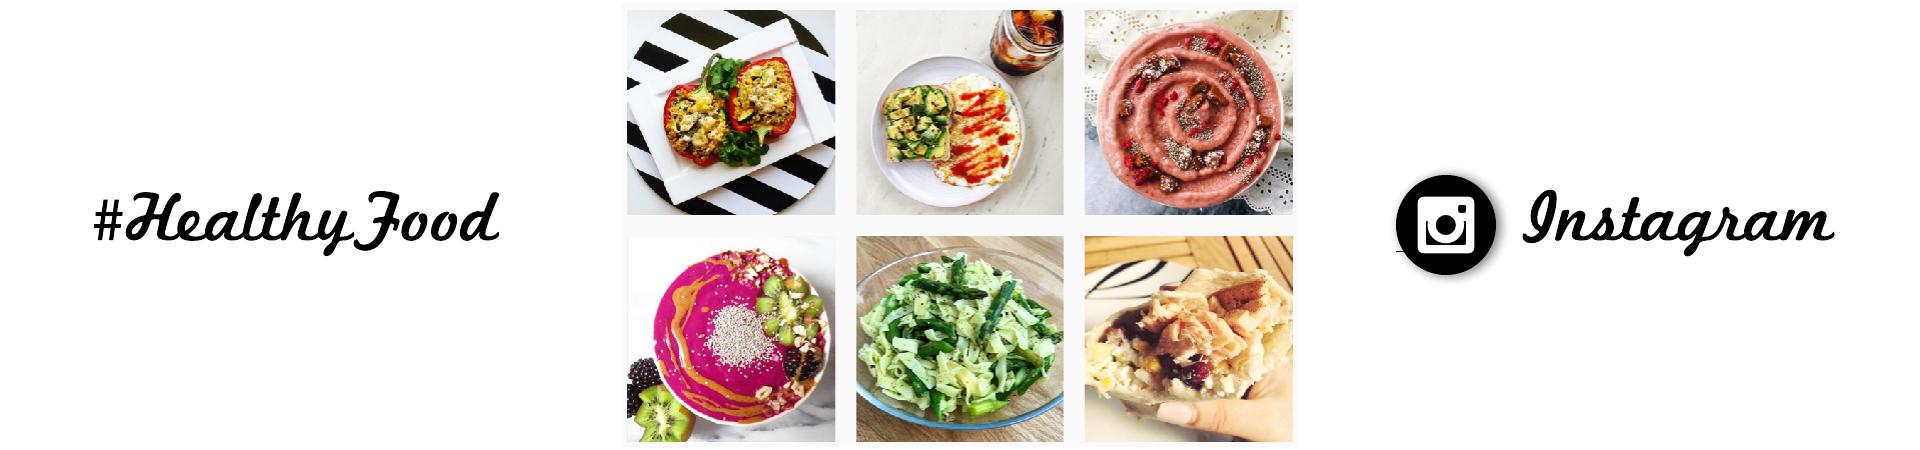 Mieux manger grâce à Instagram - étude scientifique